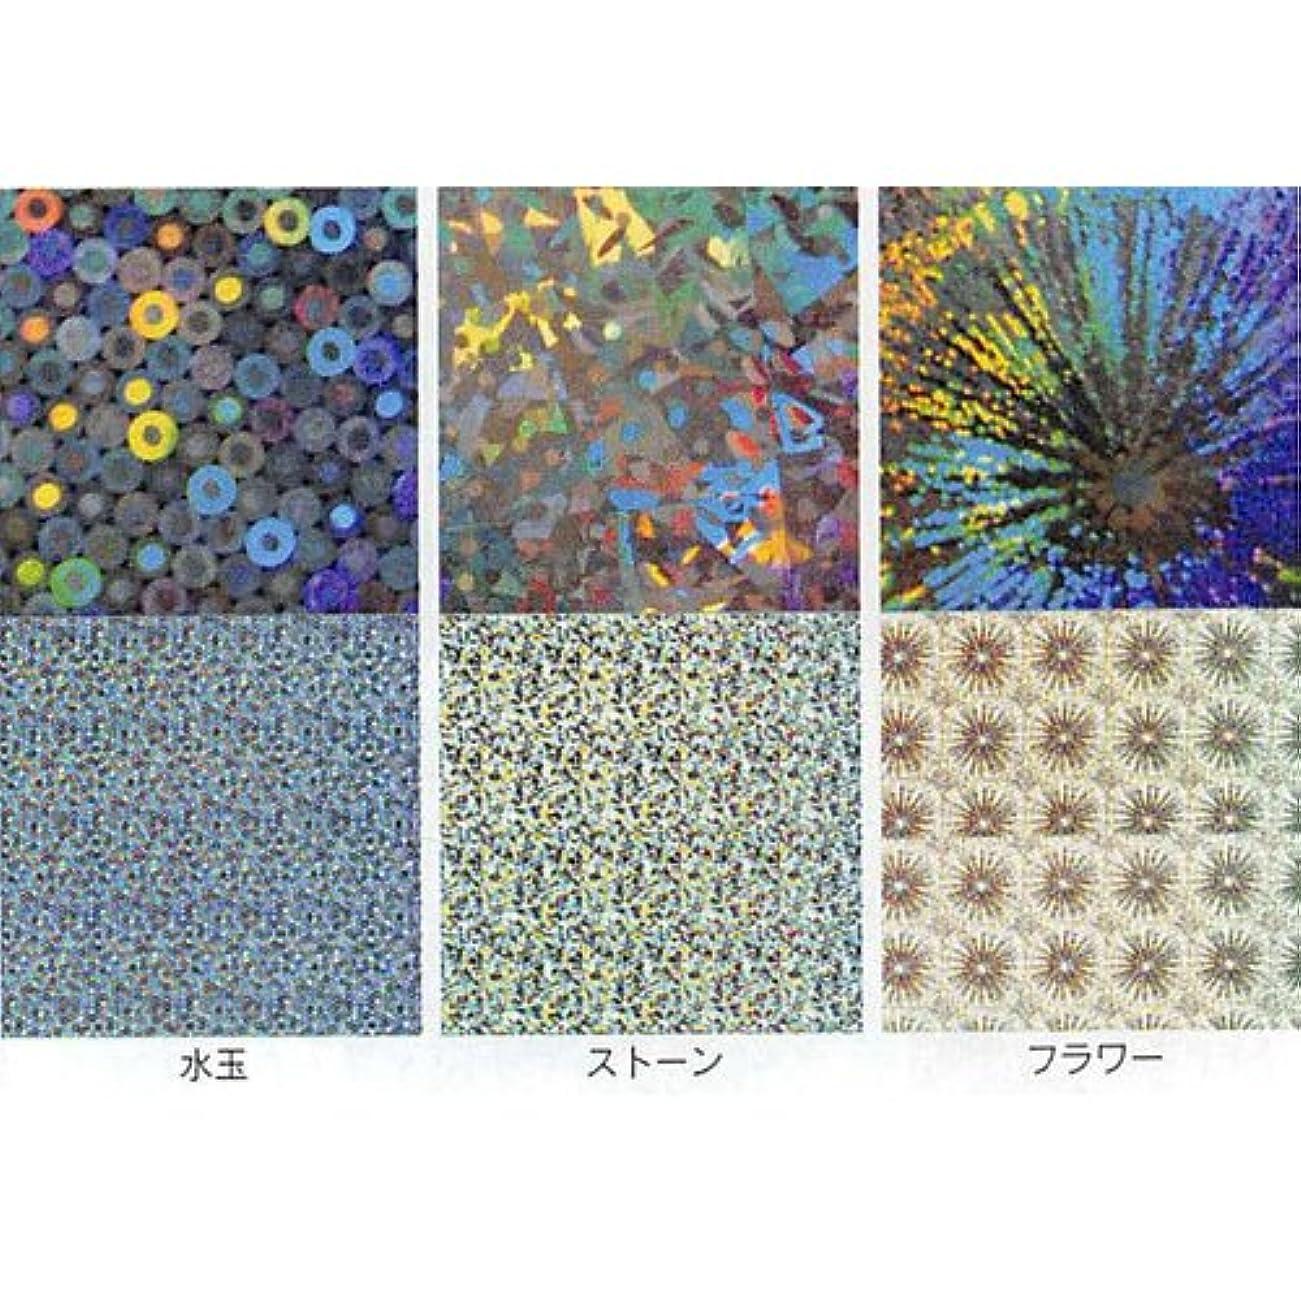 爆発するはちみつ平和なホログラムペーパー 3種 各3枚入 B05-0253